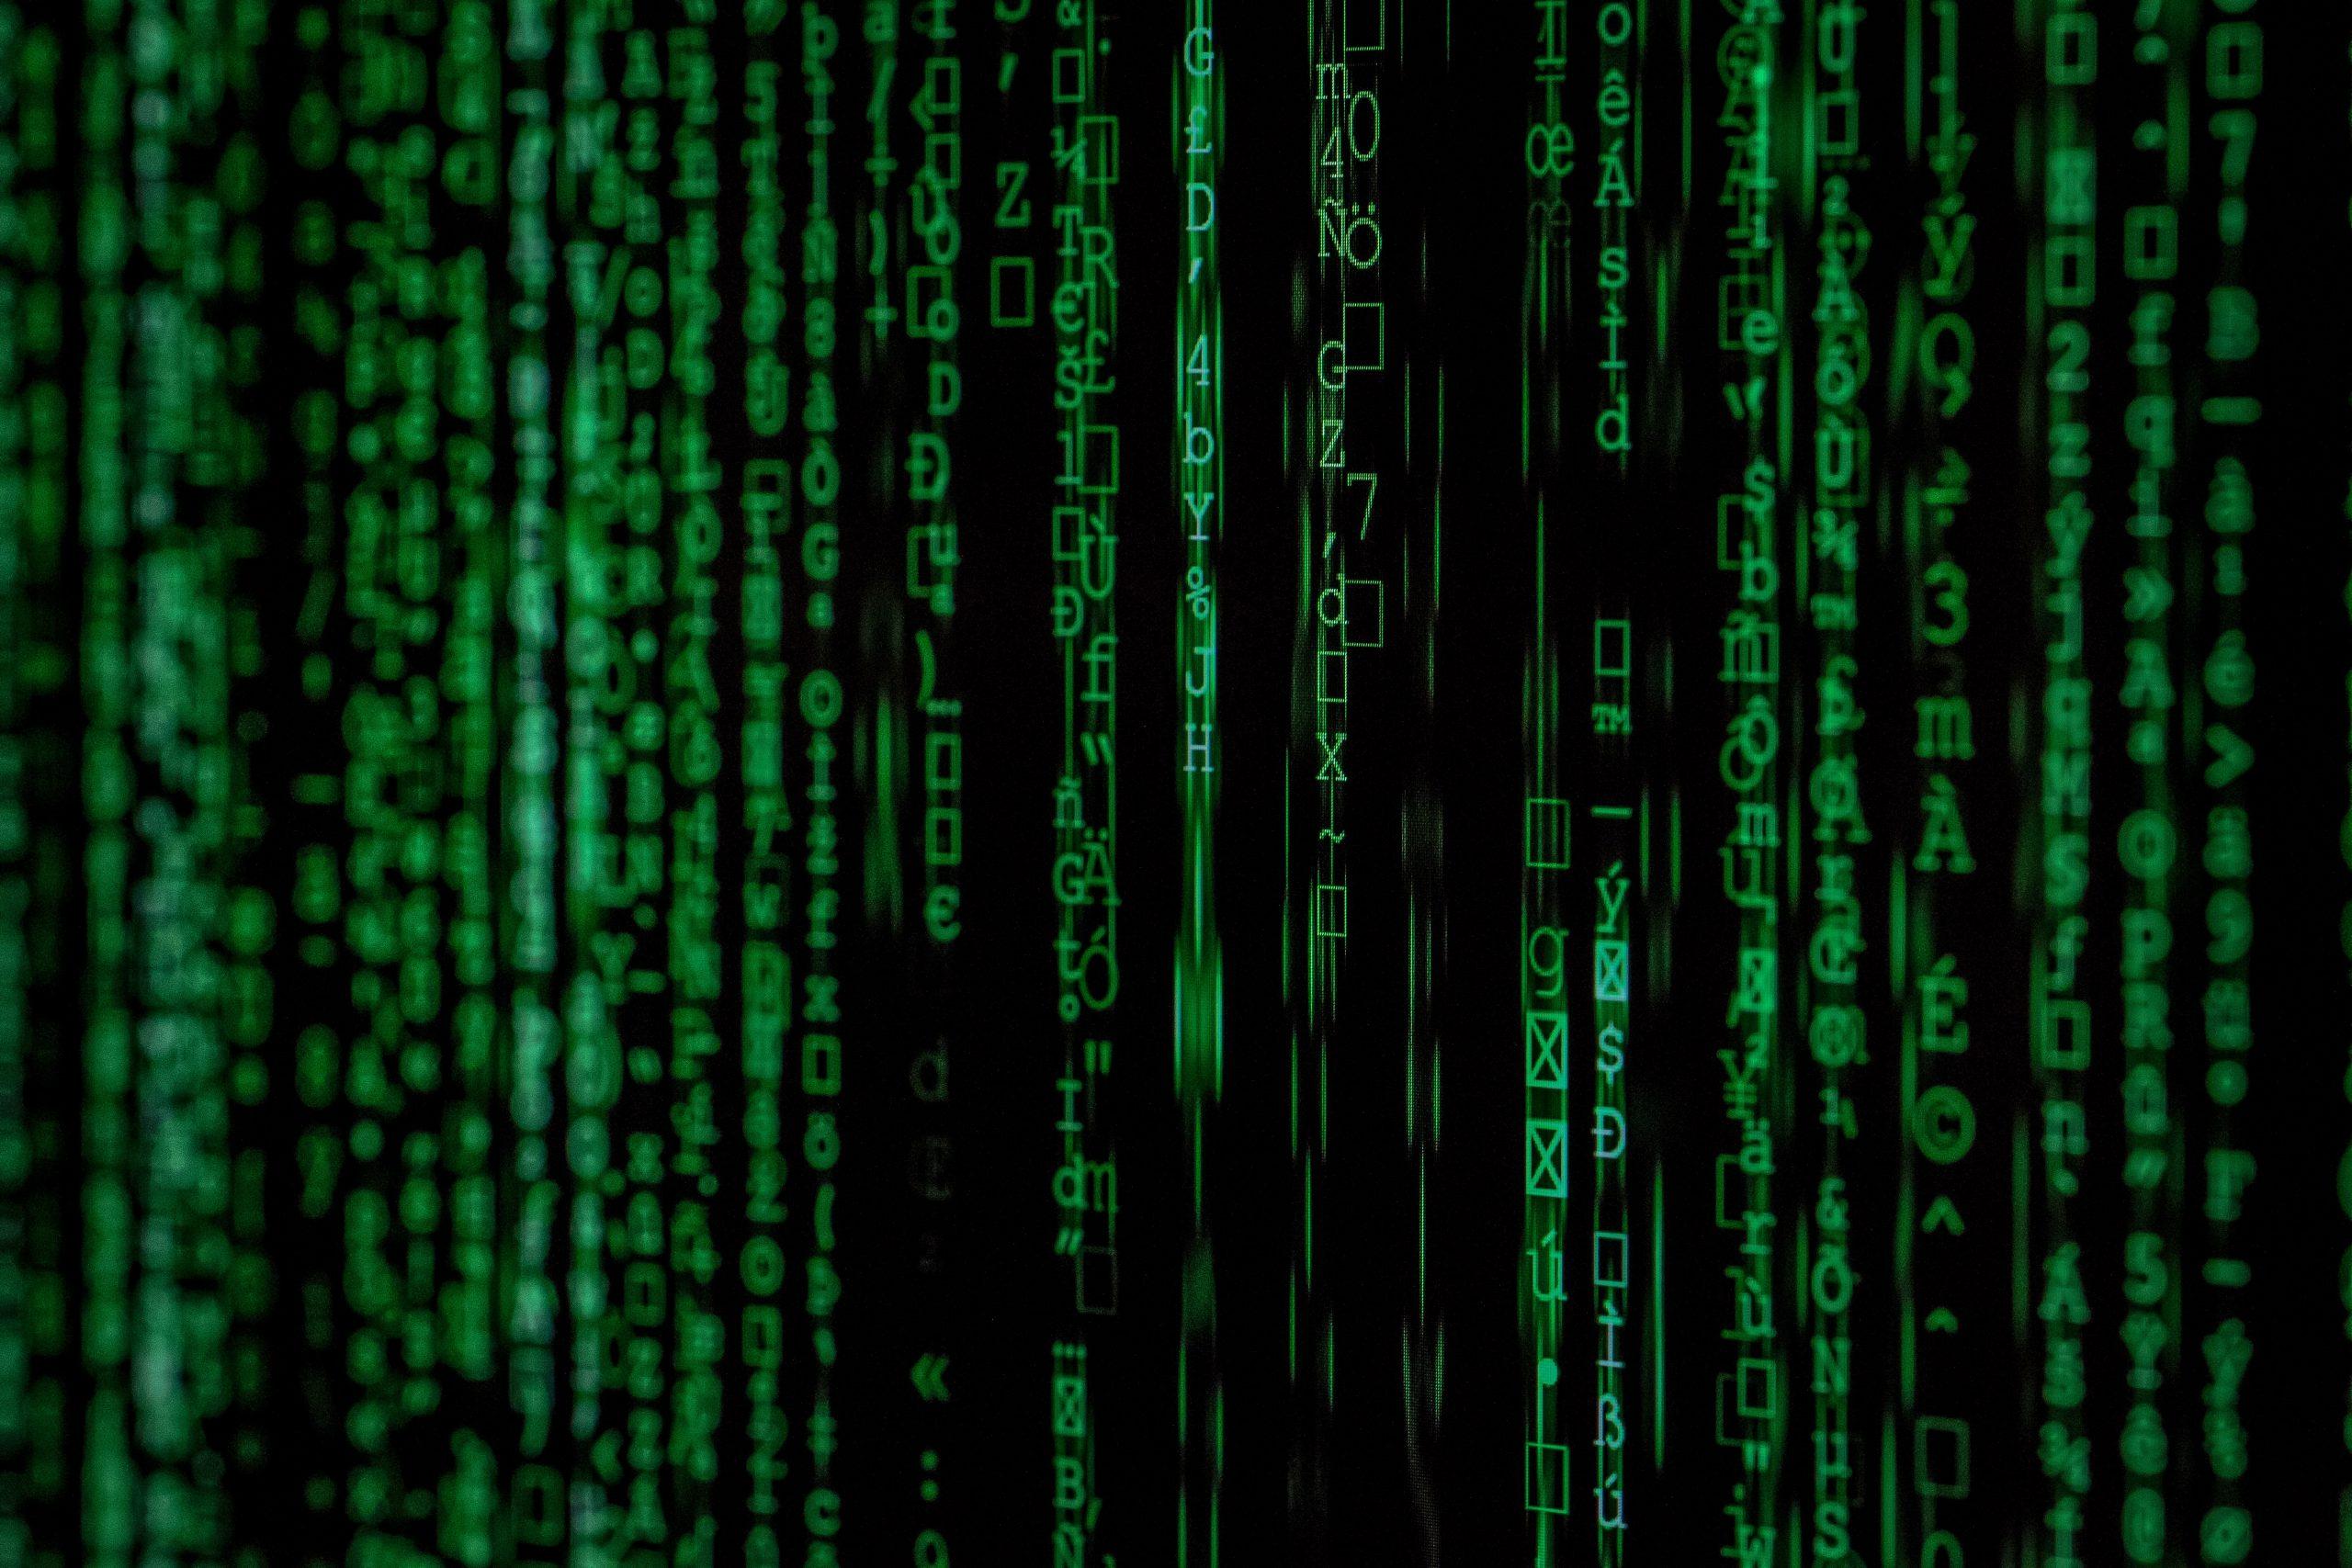 Kako spremeniti desetiški zapis v binarnega?